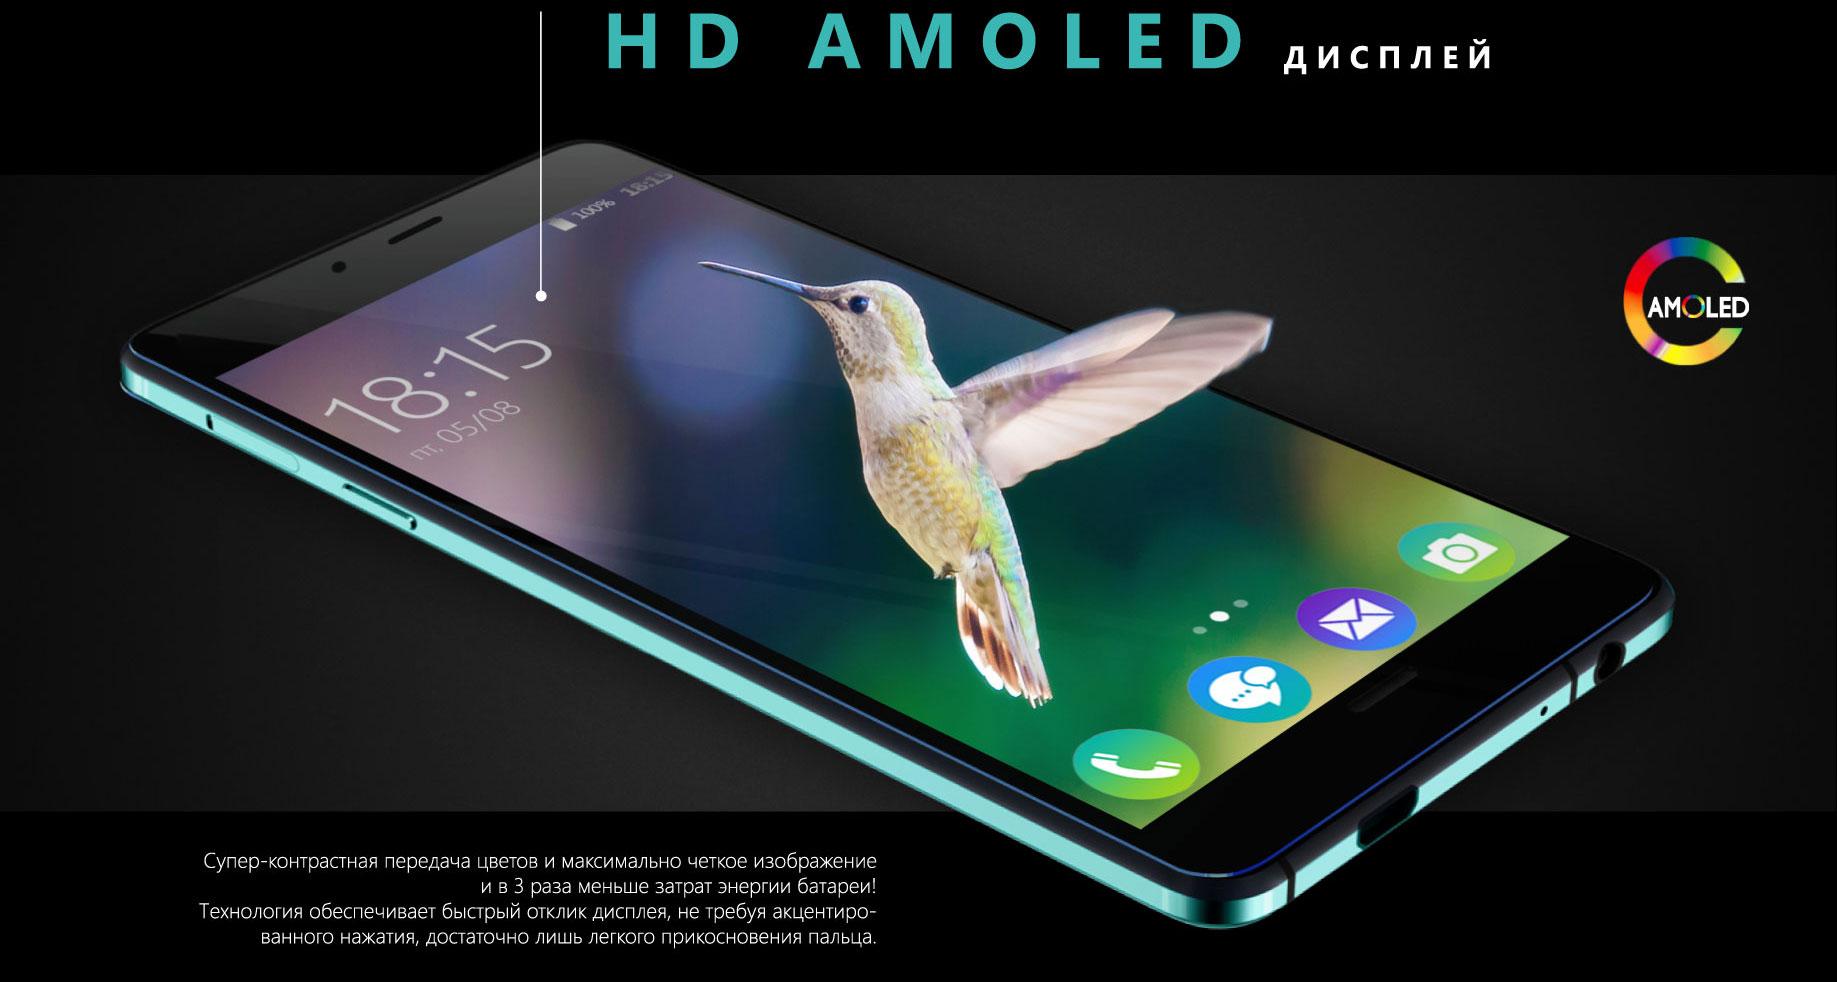 Cупер-контрастная передача цветов и максимально четкое изображение<br> и в 3 раза меньше затрат энергии батареи!<br> Технология обеспечивает быстрый отклик дисплея, не требуя акцентиро-<br> ванного нажатия, достаточно лишь легкого прикосновения пальца.